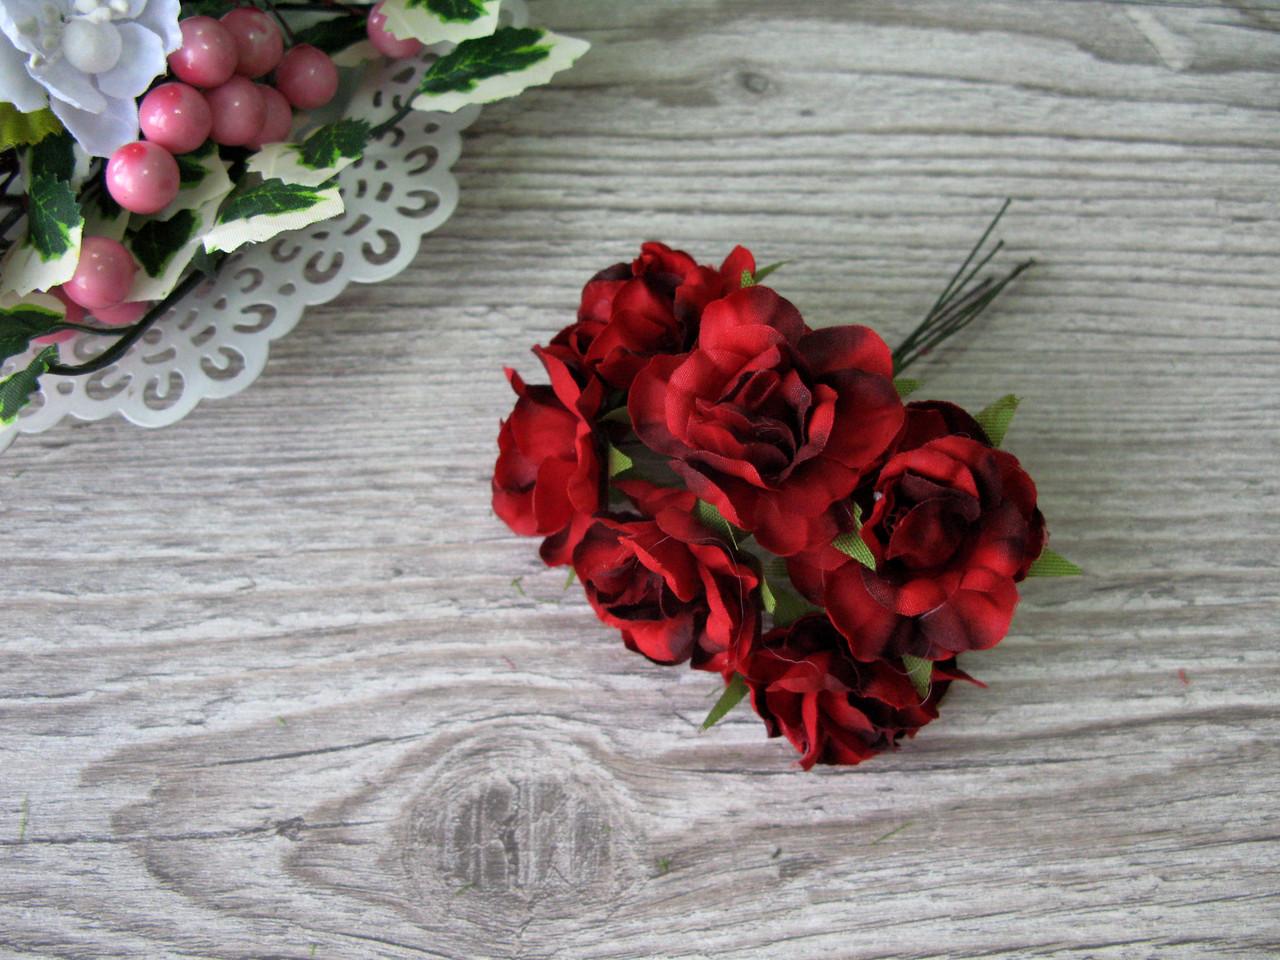 Роза тканевая красная 3.5 см пучок 6 шт - 20 грн